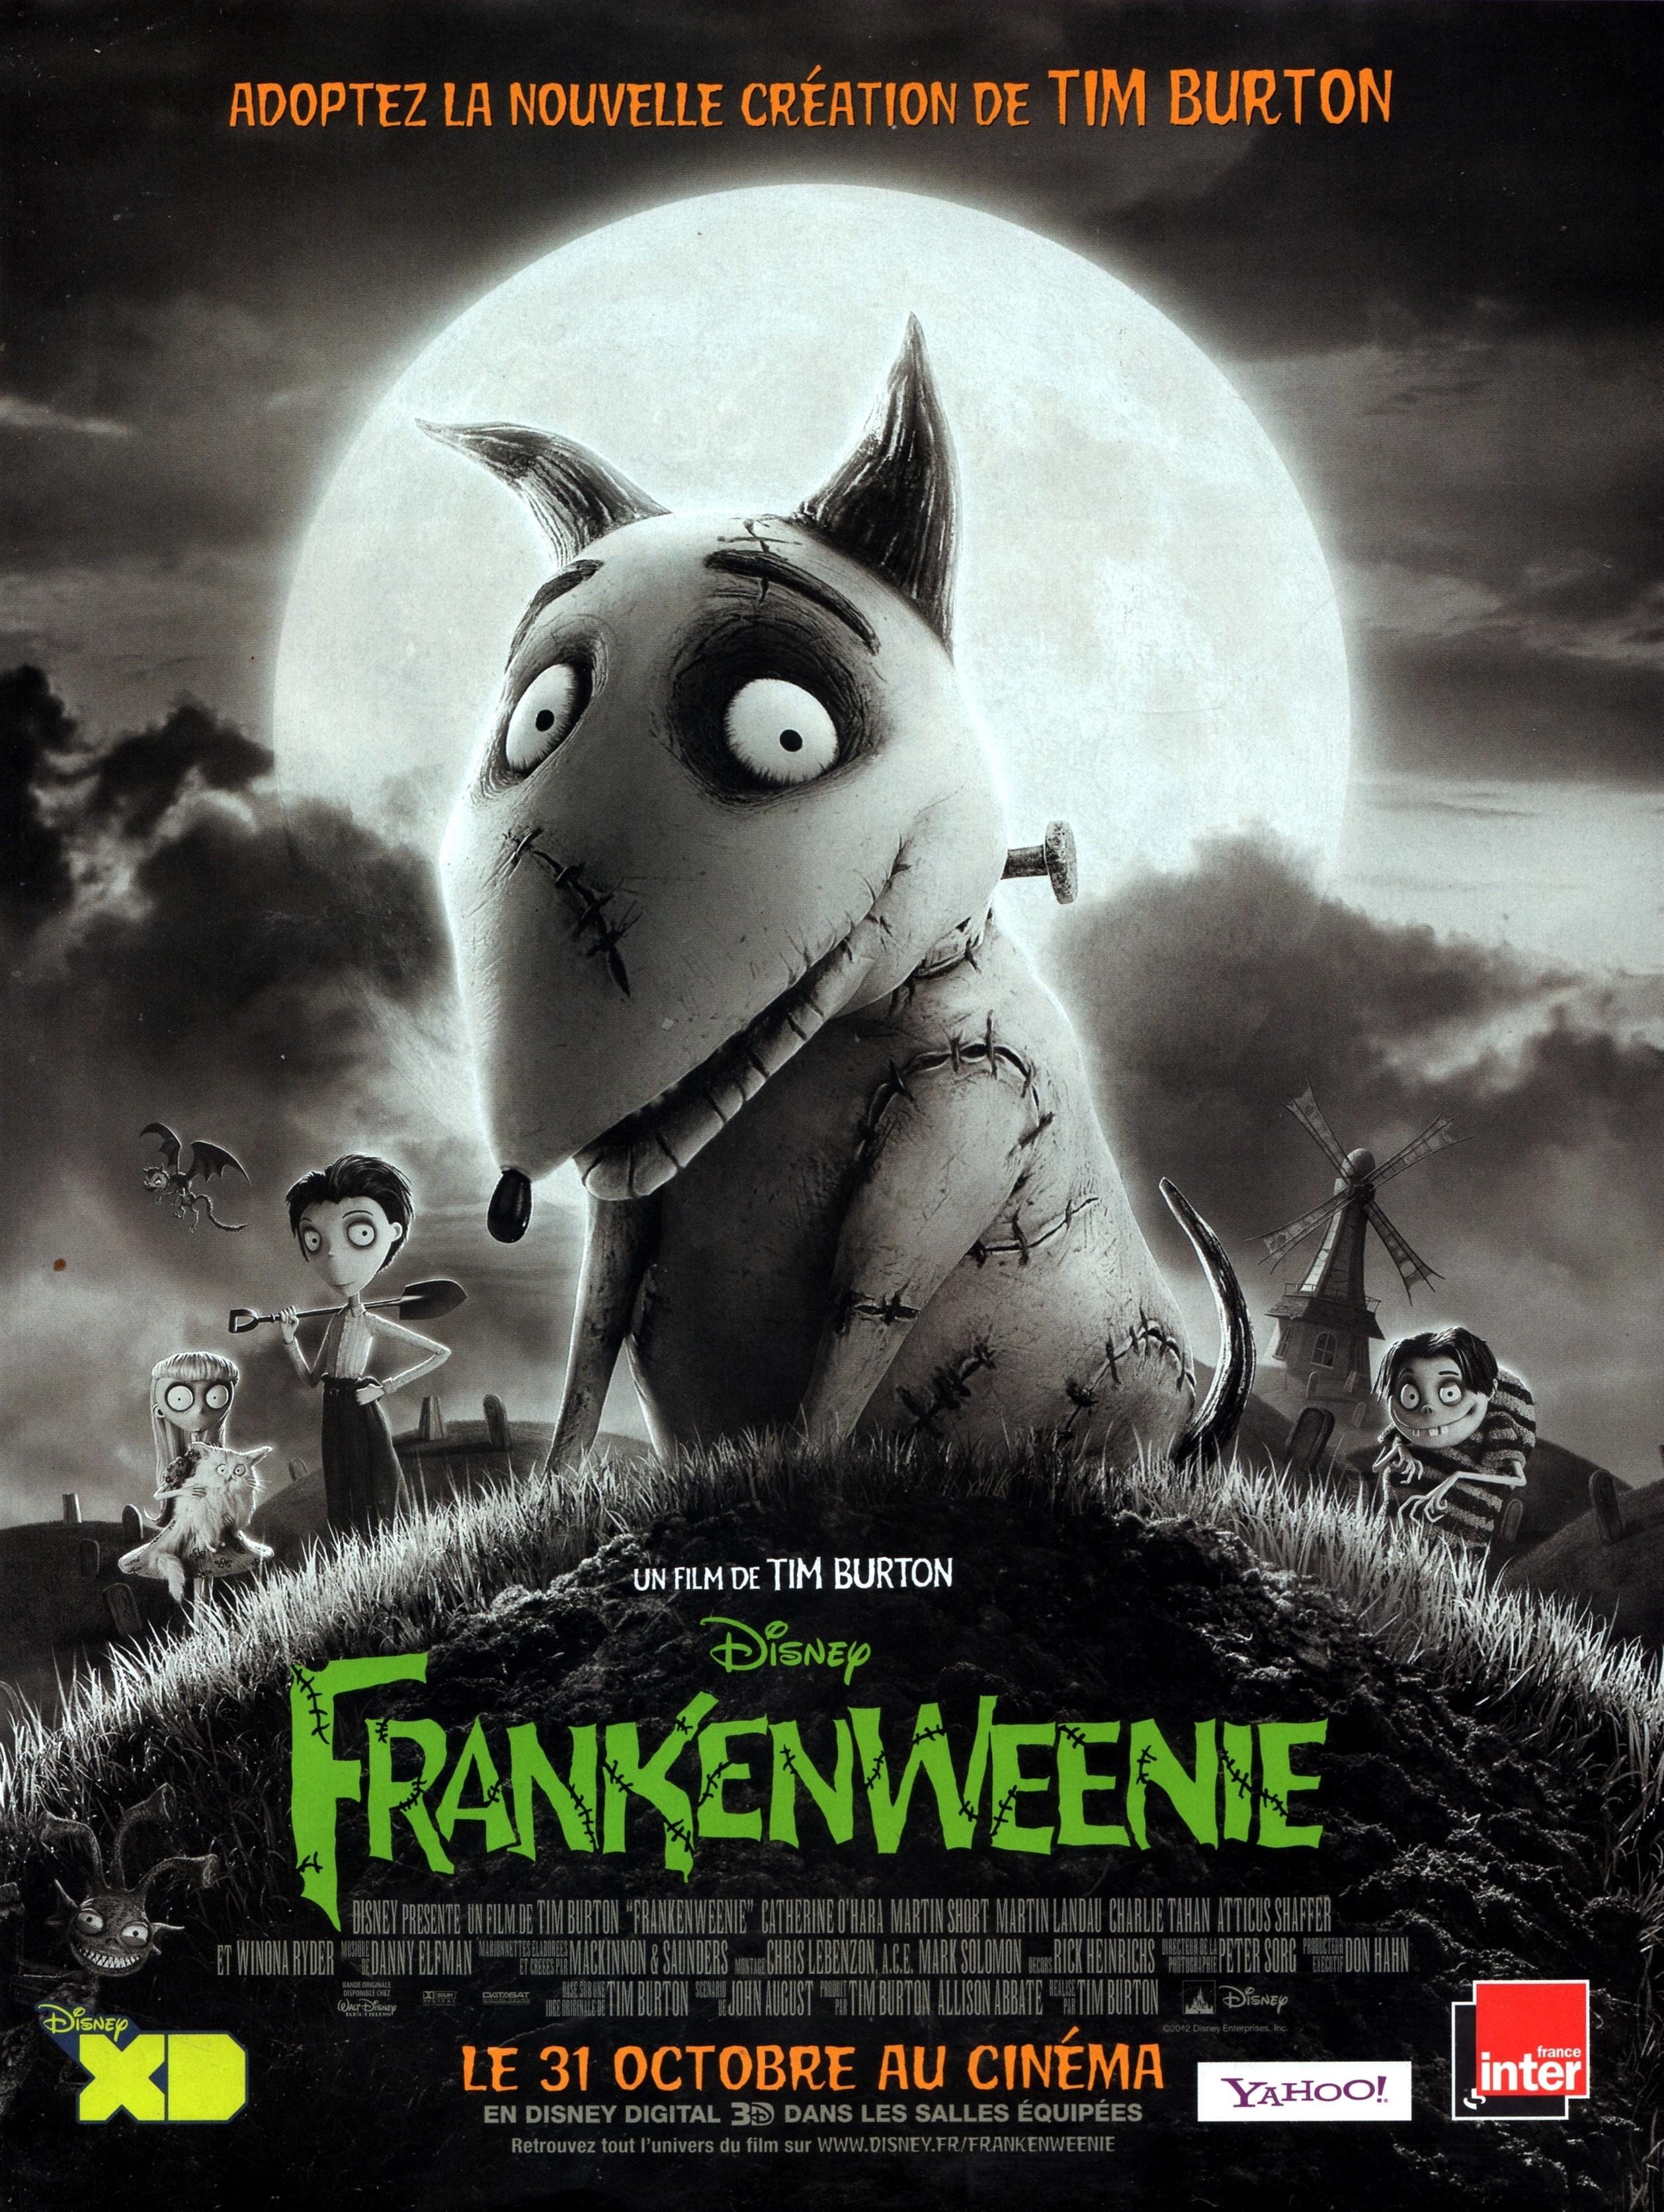 affiche du film Frankenweenie (2012)